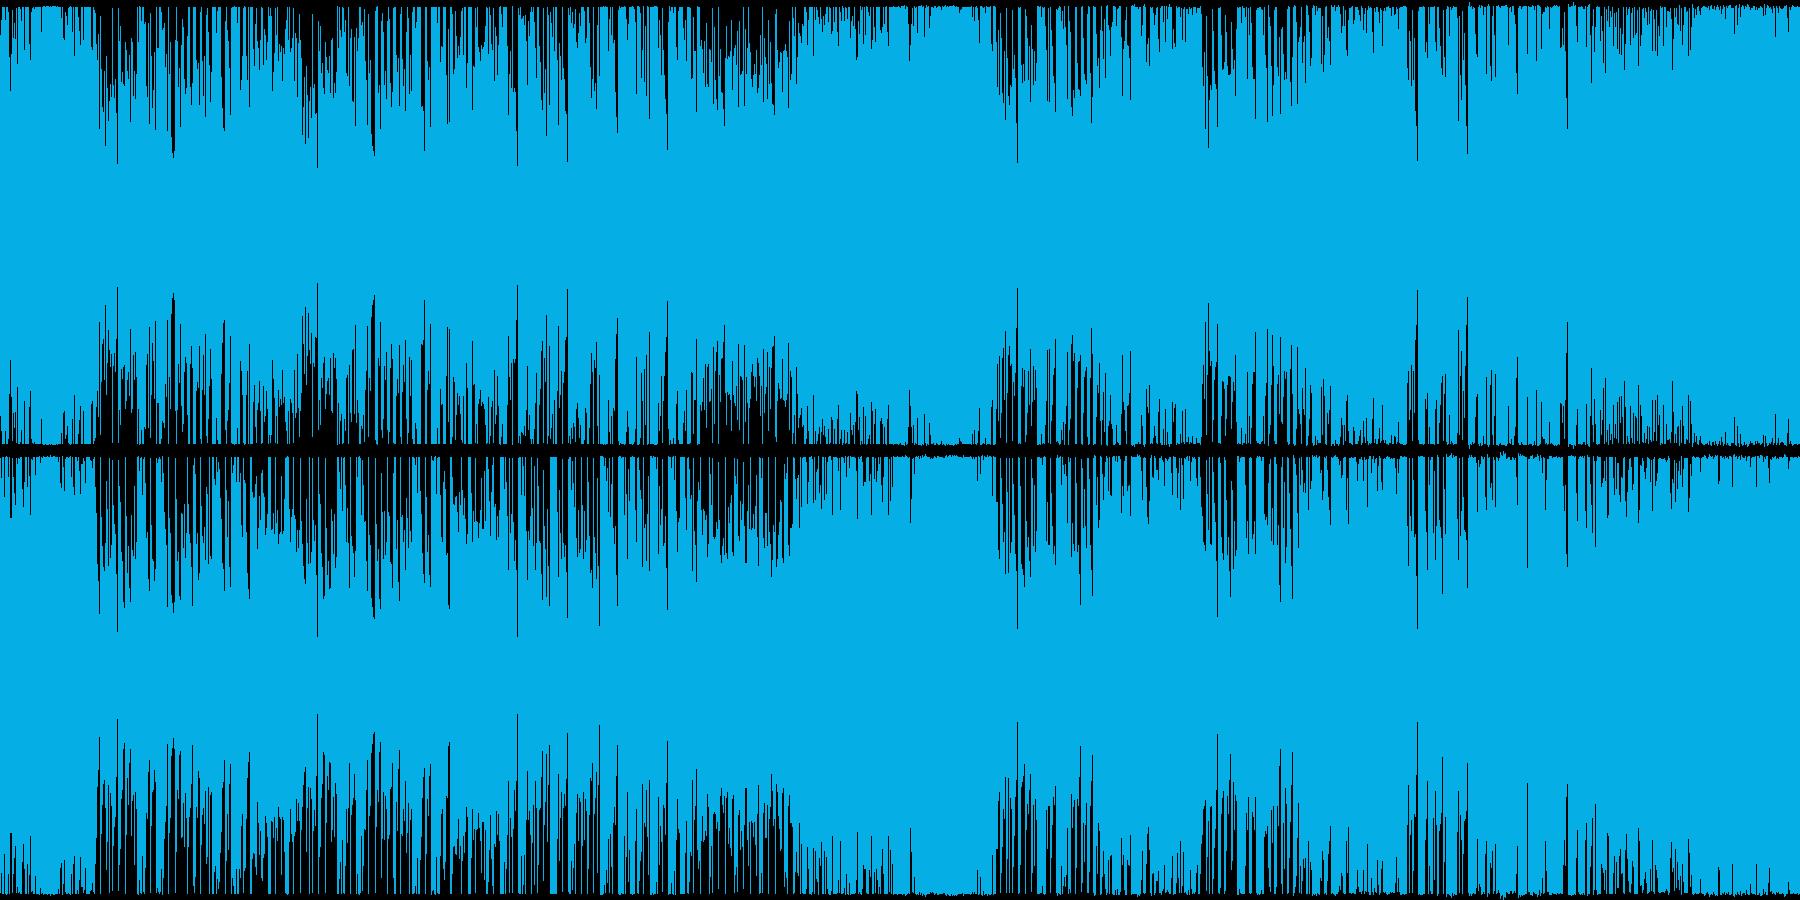 ハロウィン・ホラー・重々しい楽曲の再生済みの波形